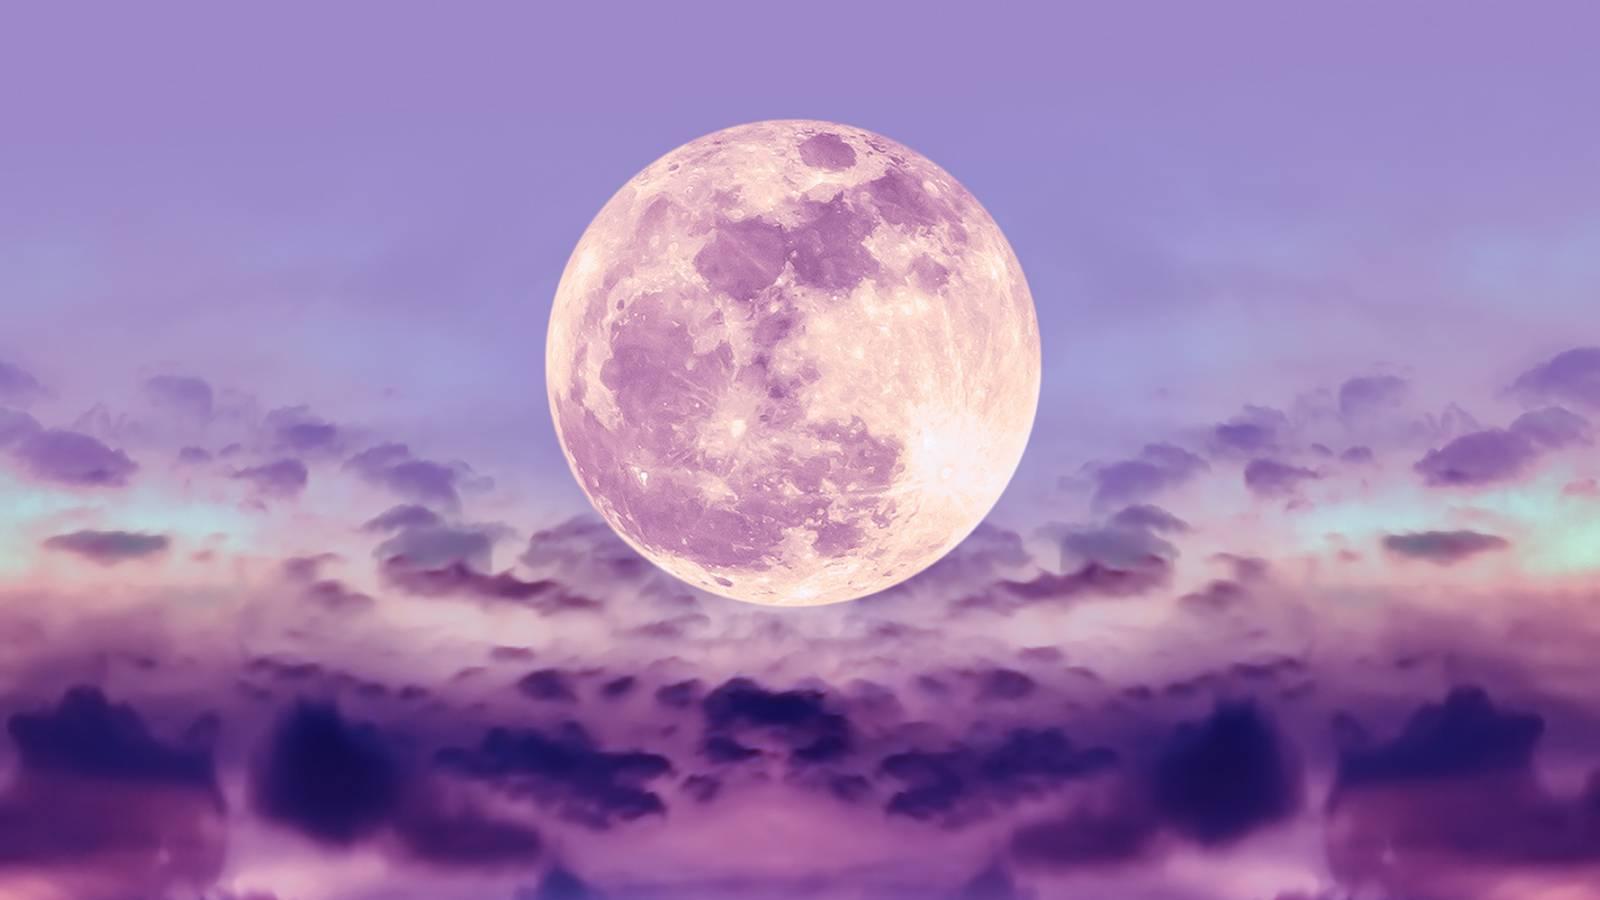 luna apocaliptic